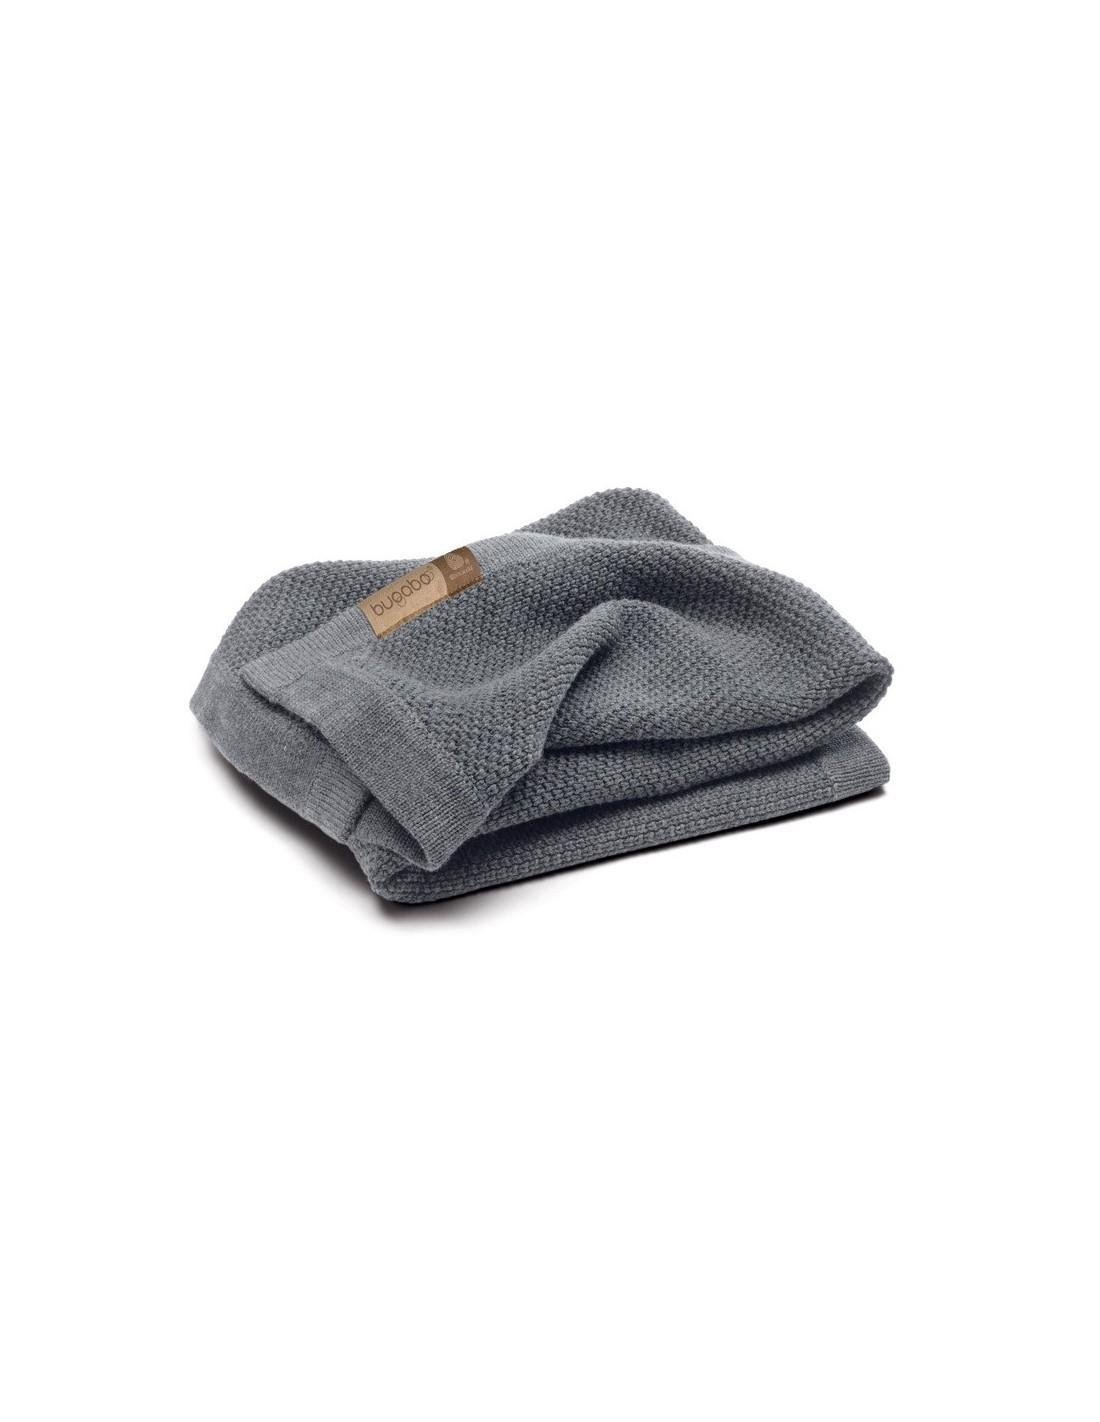 Manta de lana bugaboo for Mantas de lana de colores